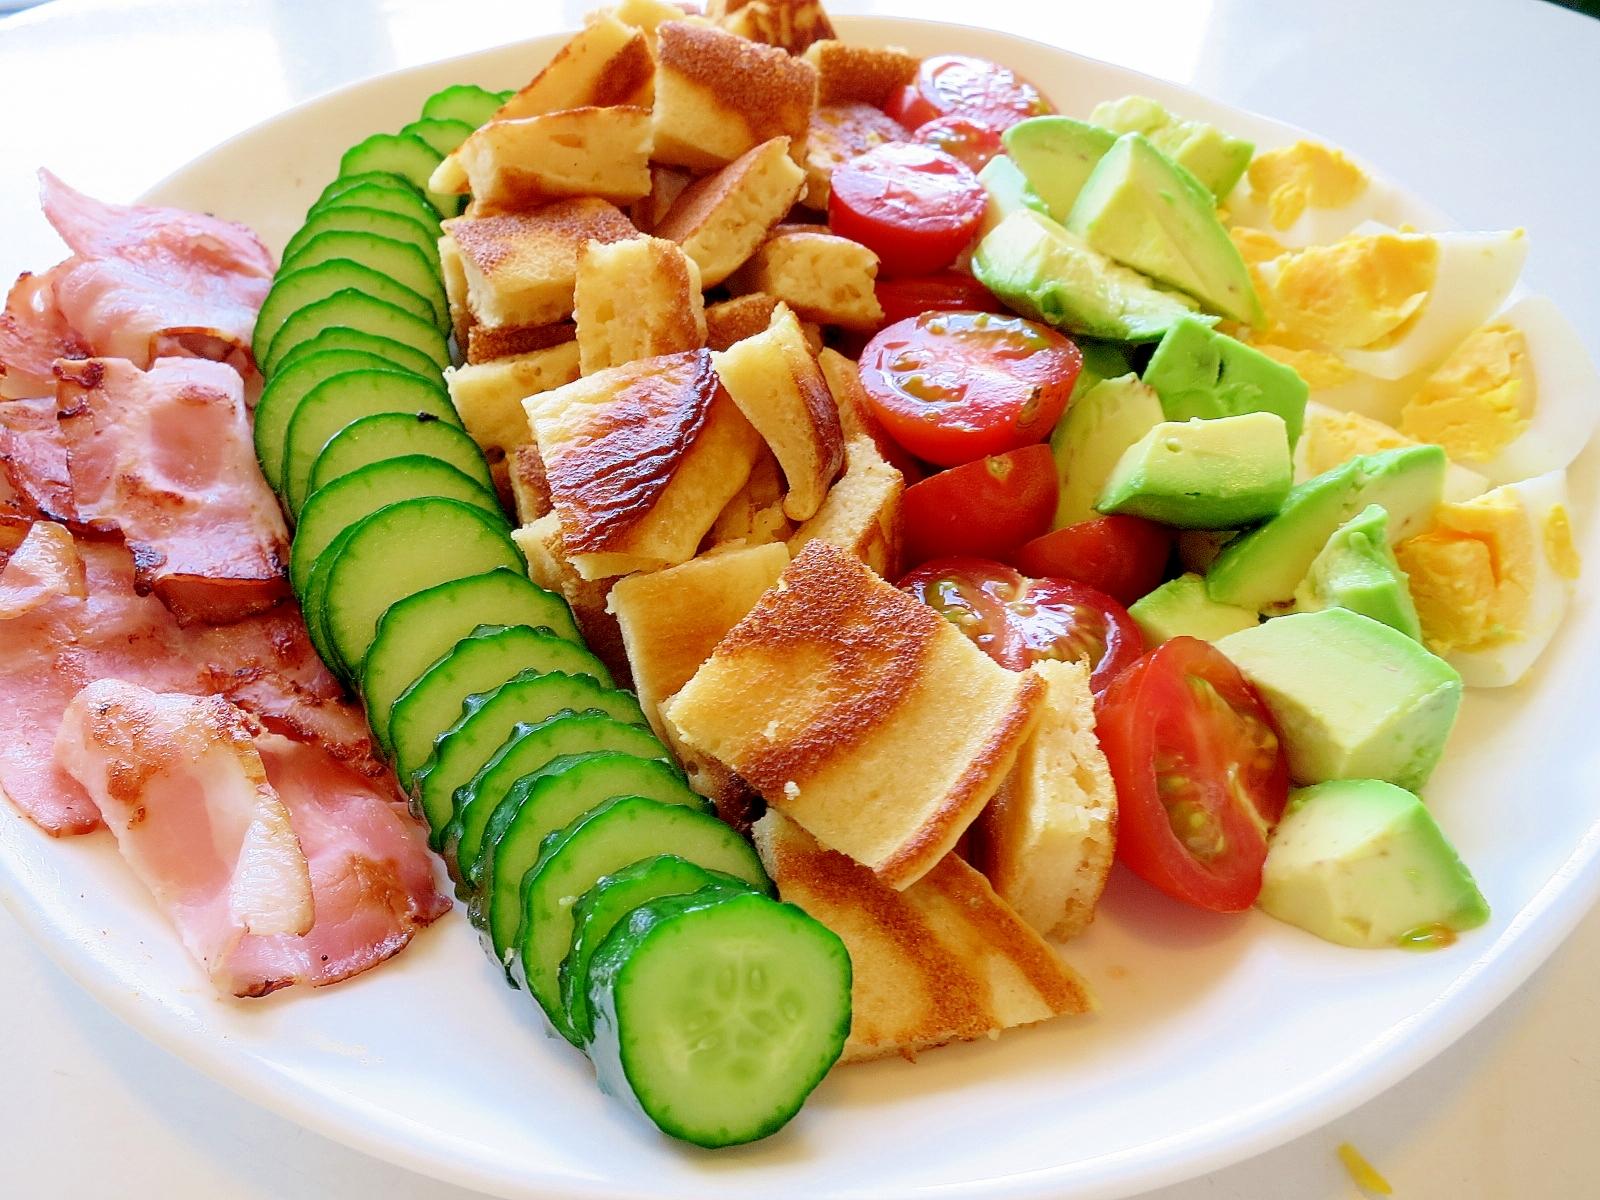 サラダ風パンケーキ